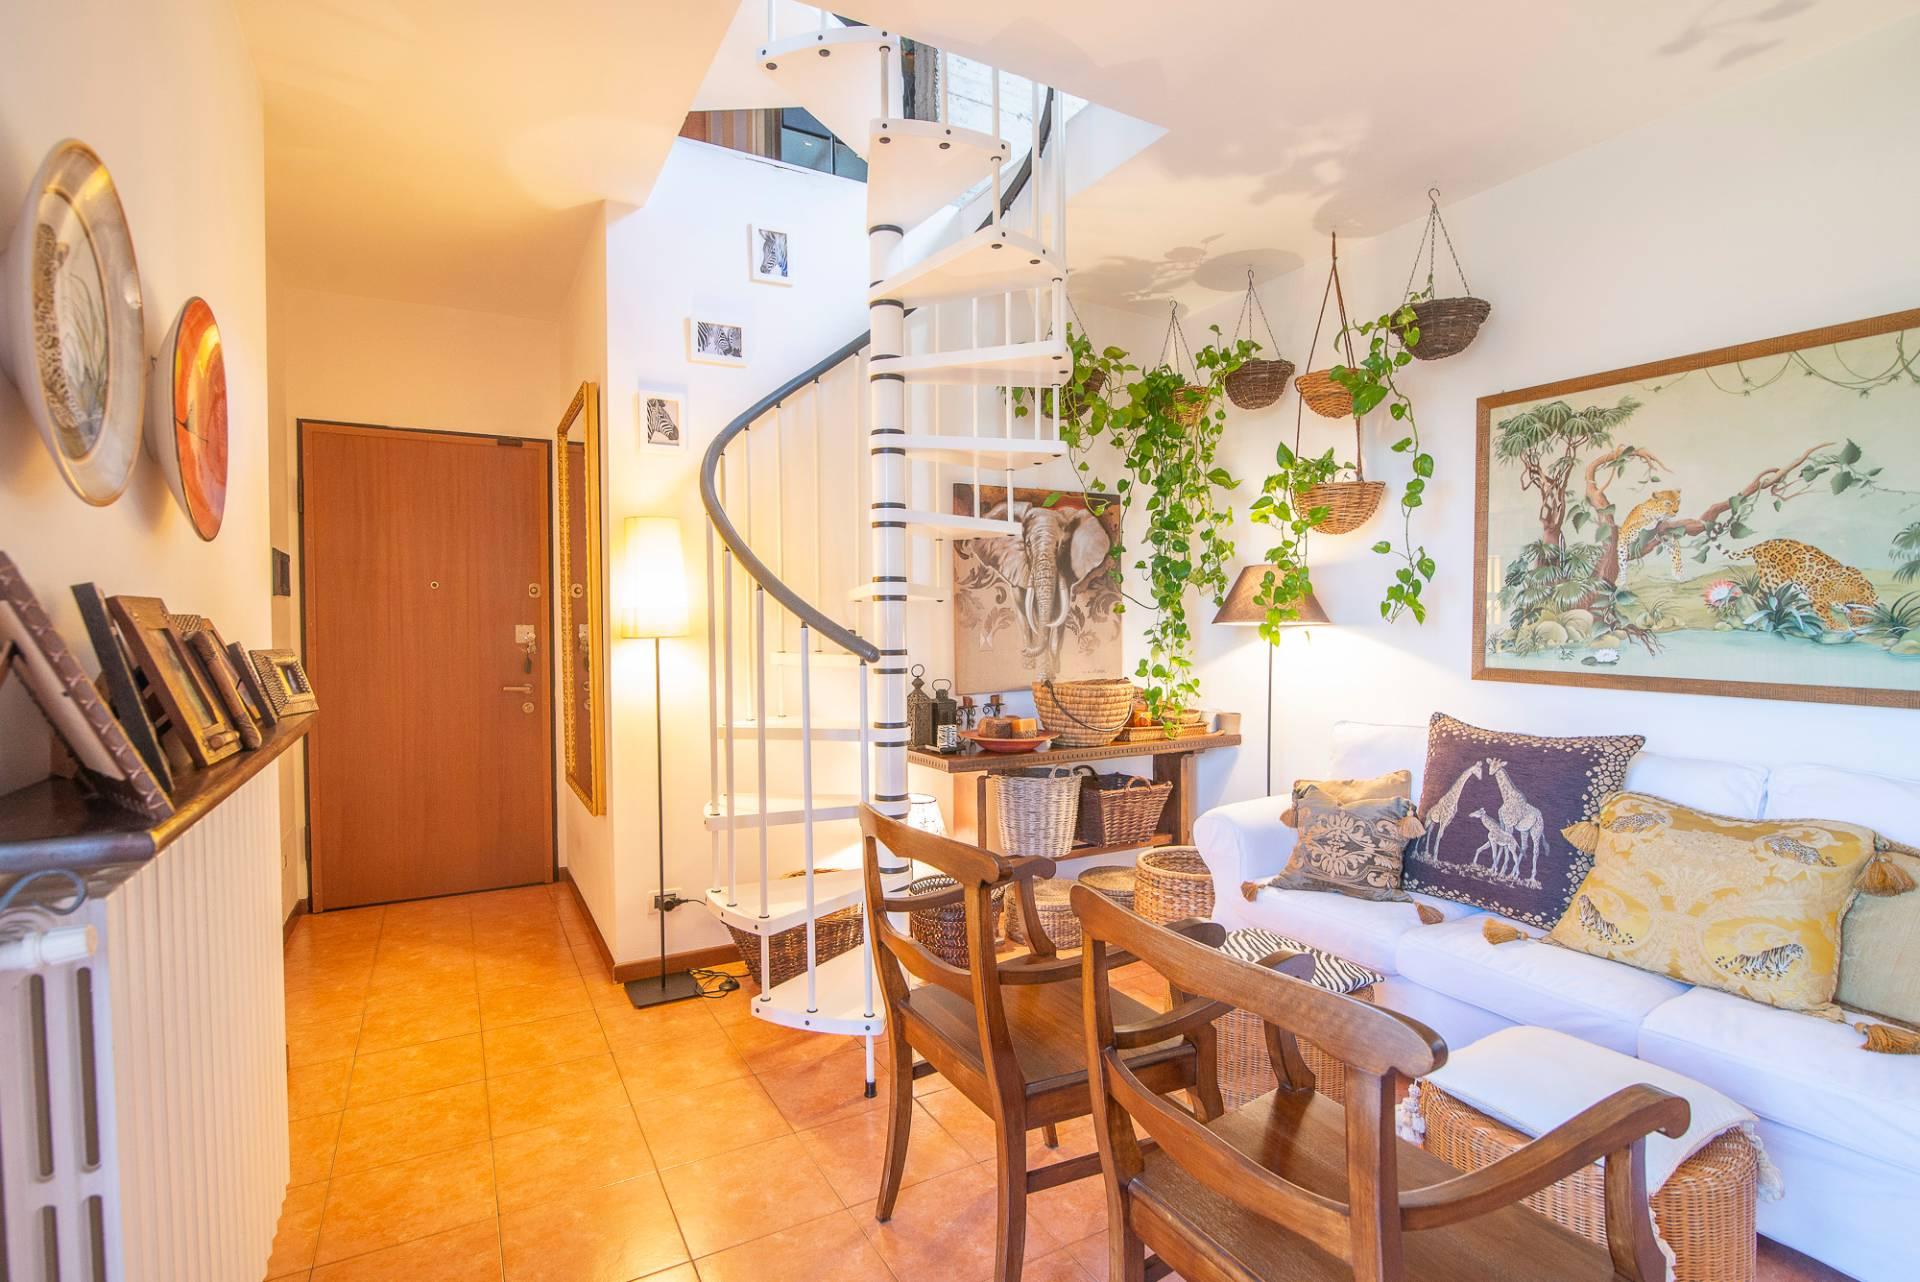 Appartamento in vendita a Casorate Primo, 3 locali, prezzo € 135.000 | CambioCasa.it